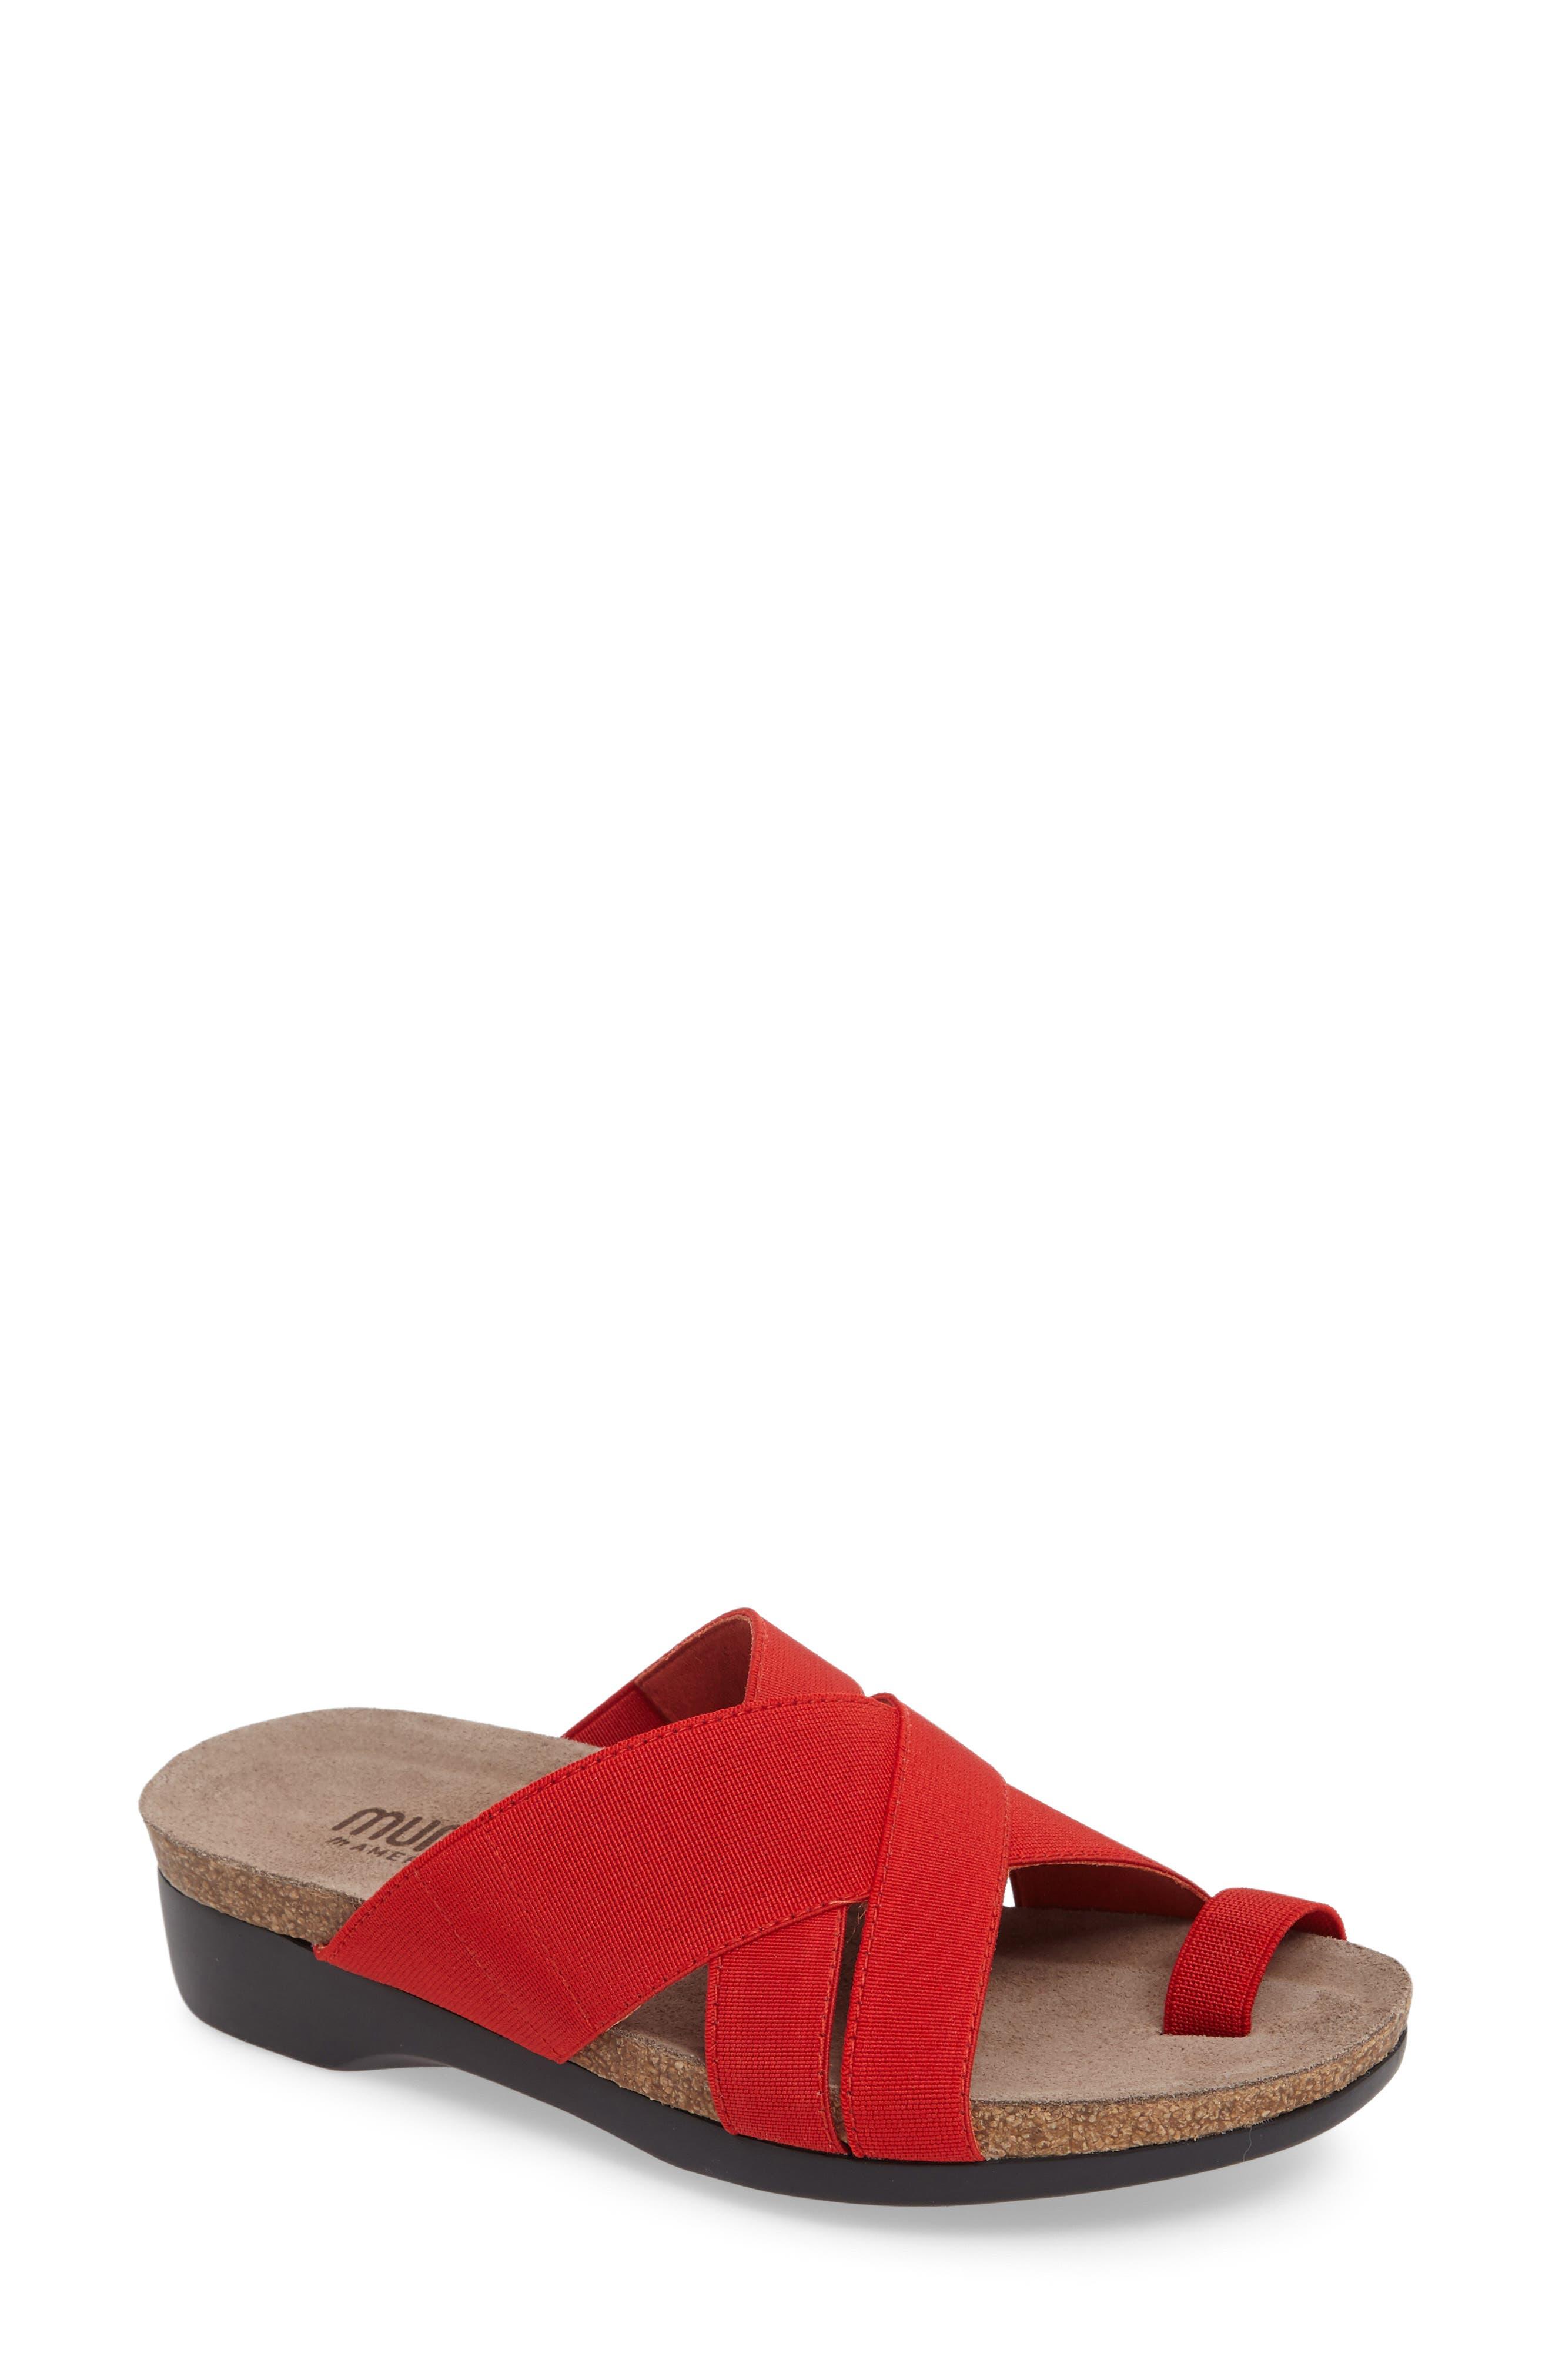 Delphi Slide Sandal,                             Main thumbnail 4, color,